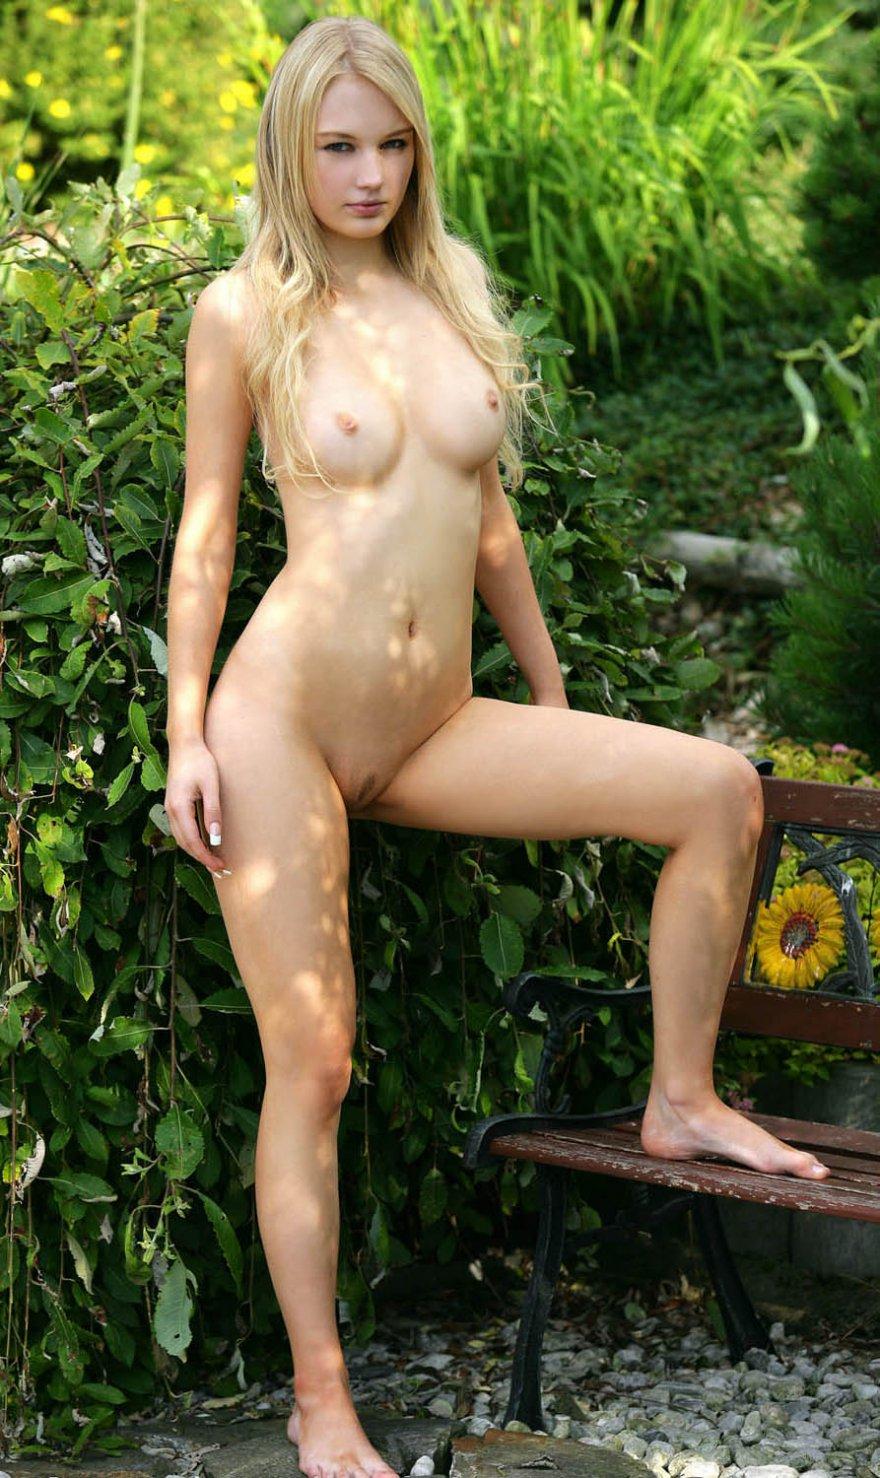 Соблазнительная голая блондинка гуляет в саду